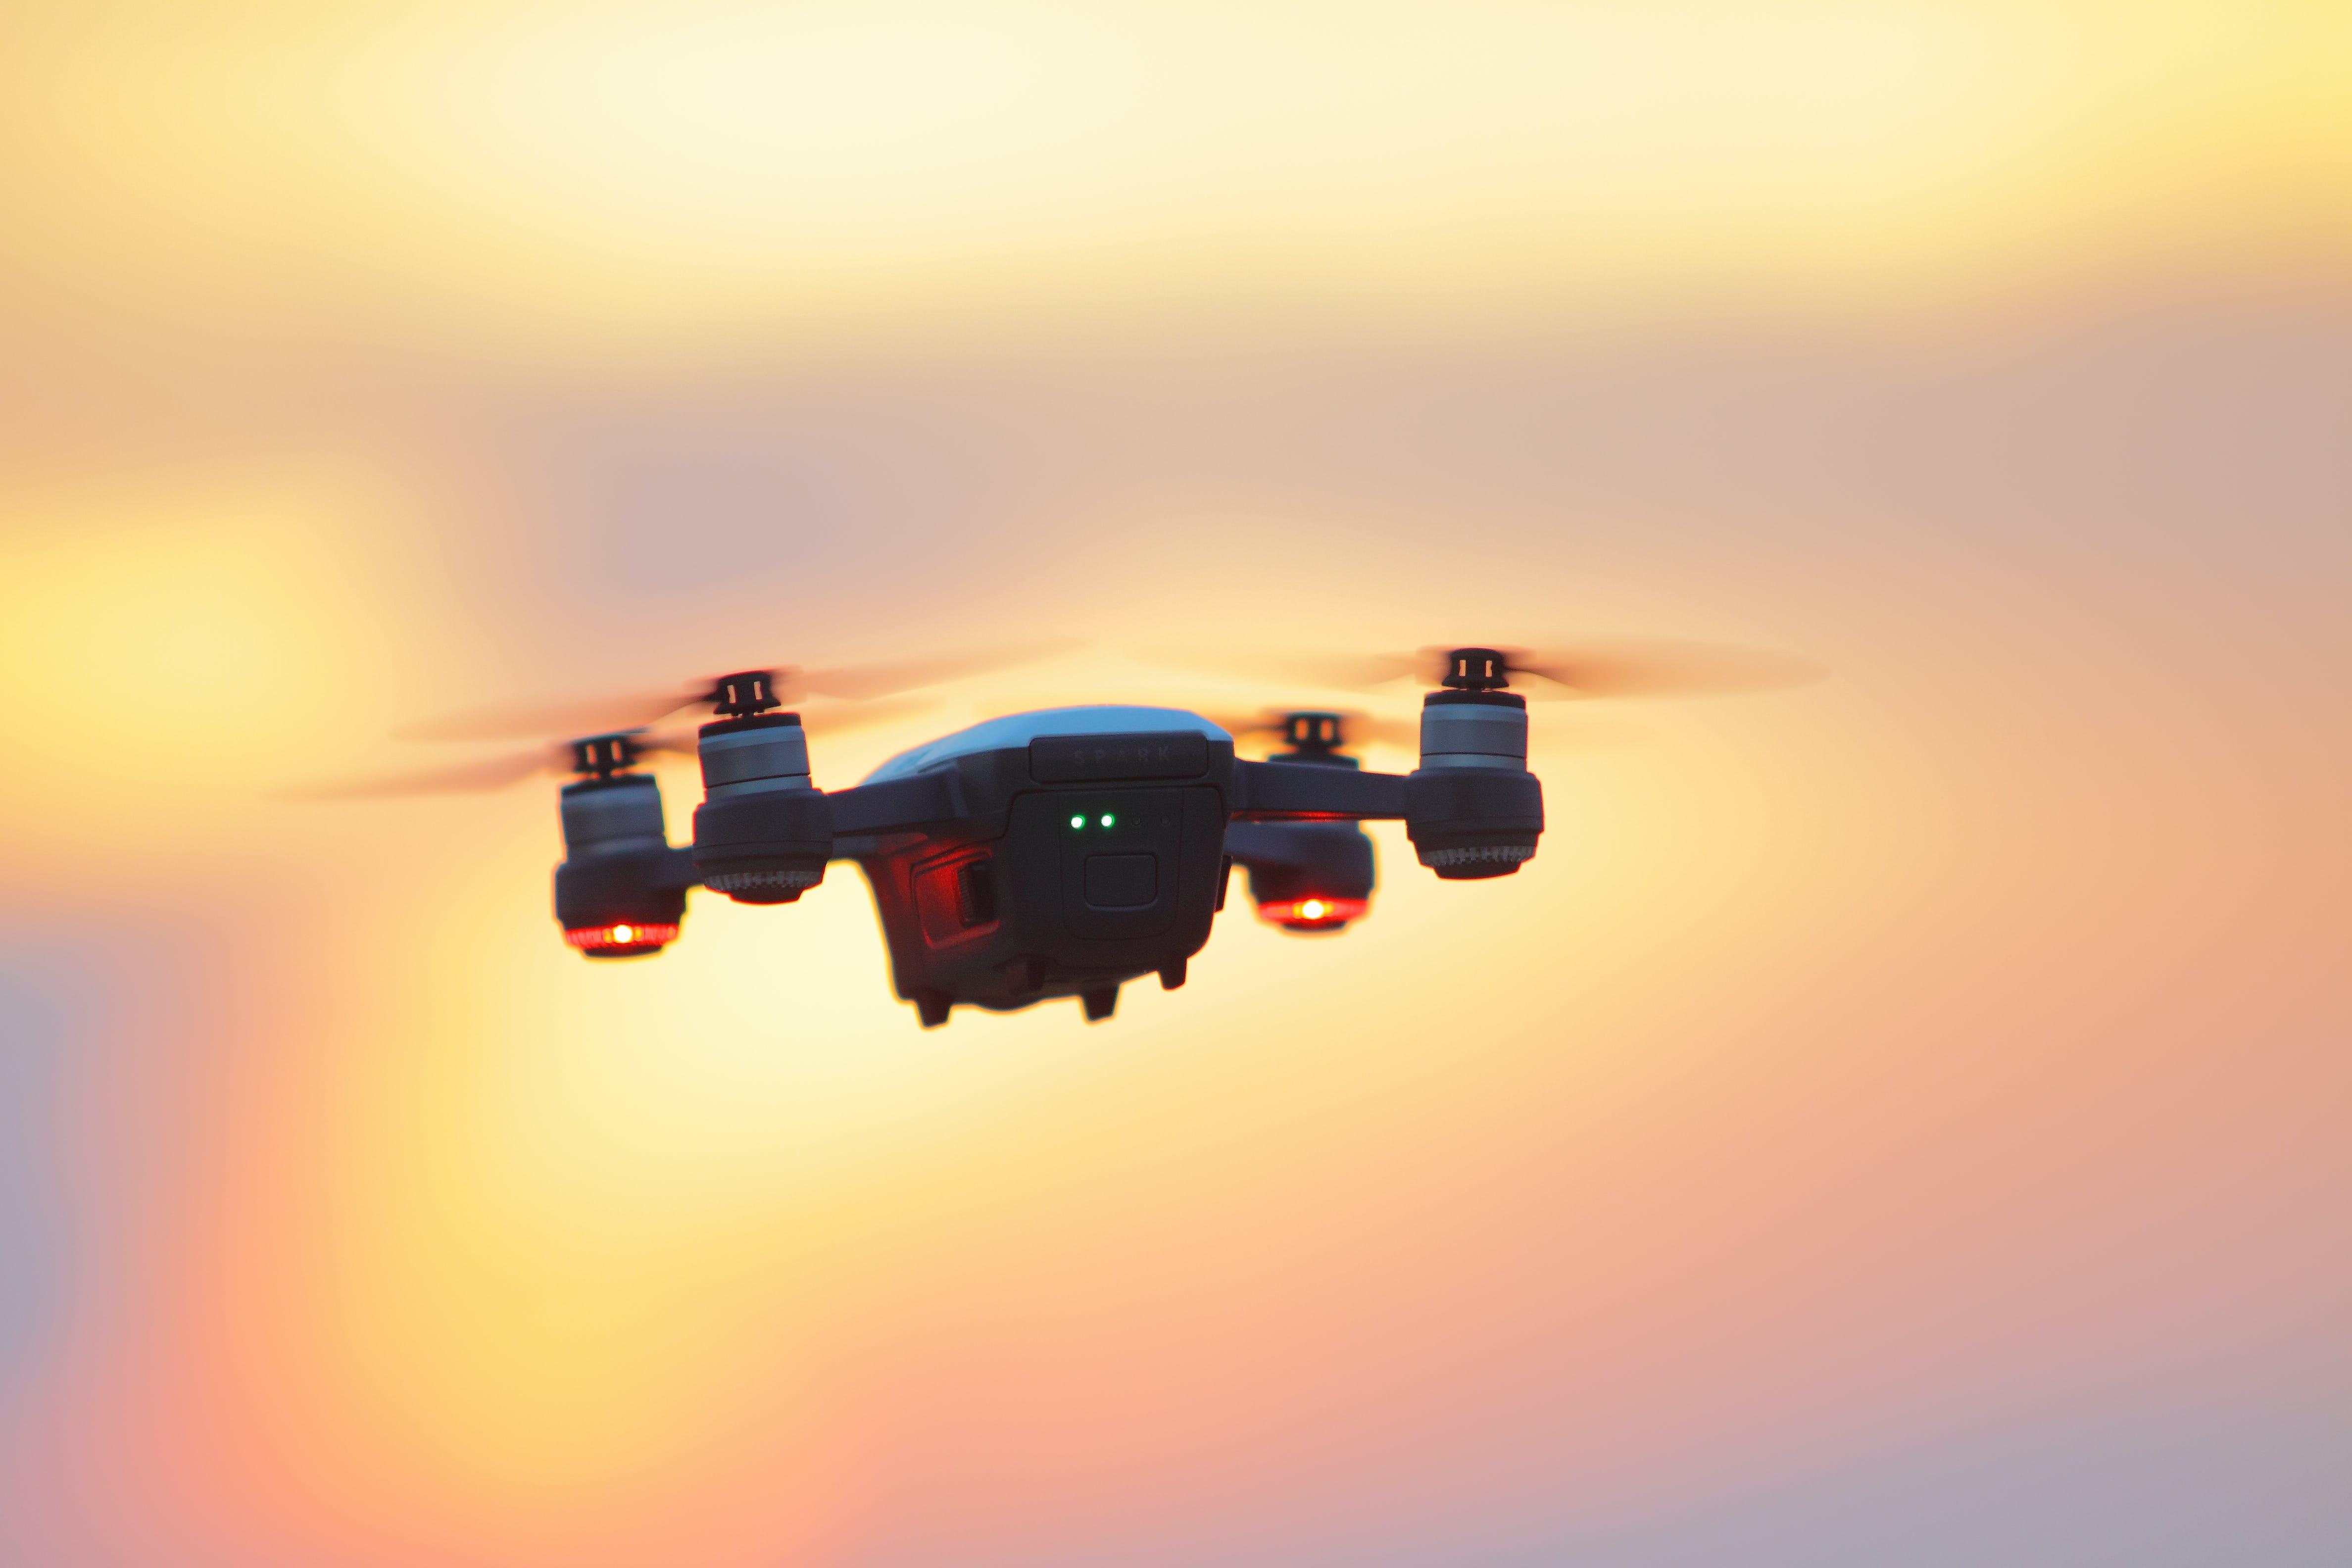 Kostnadsfri bild av bakgrundsbelyst, Drönare, flyg, grej